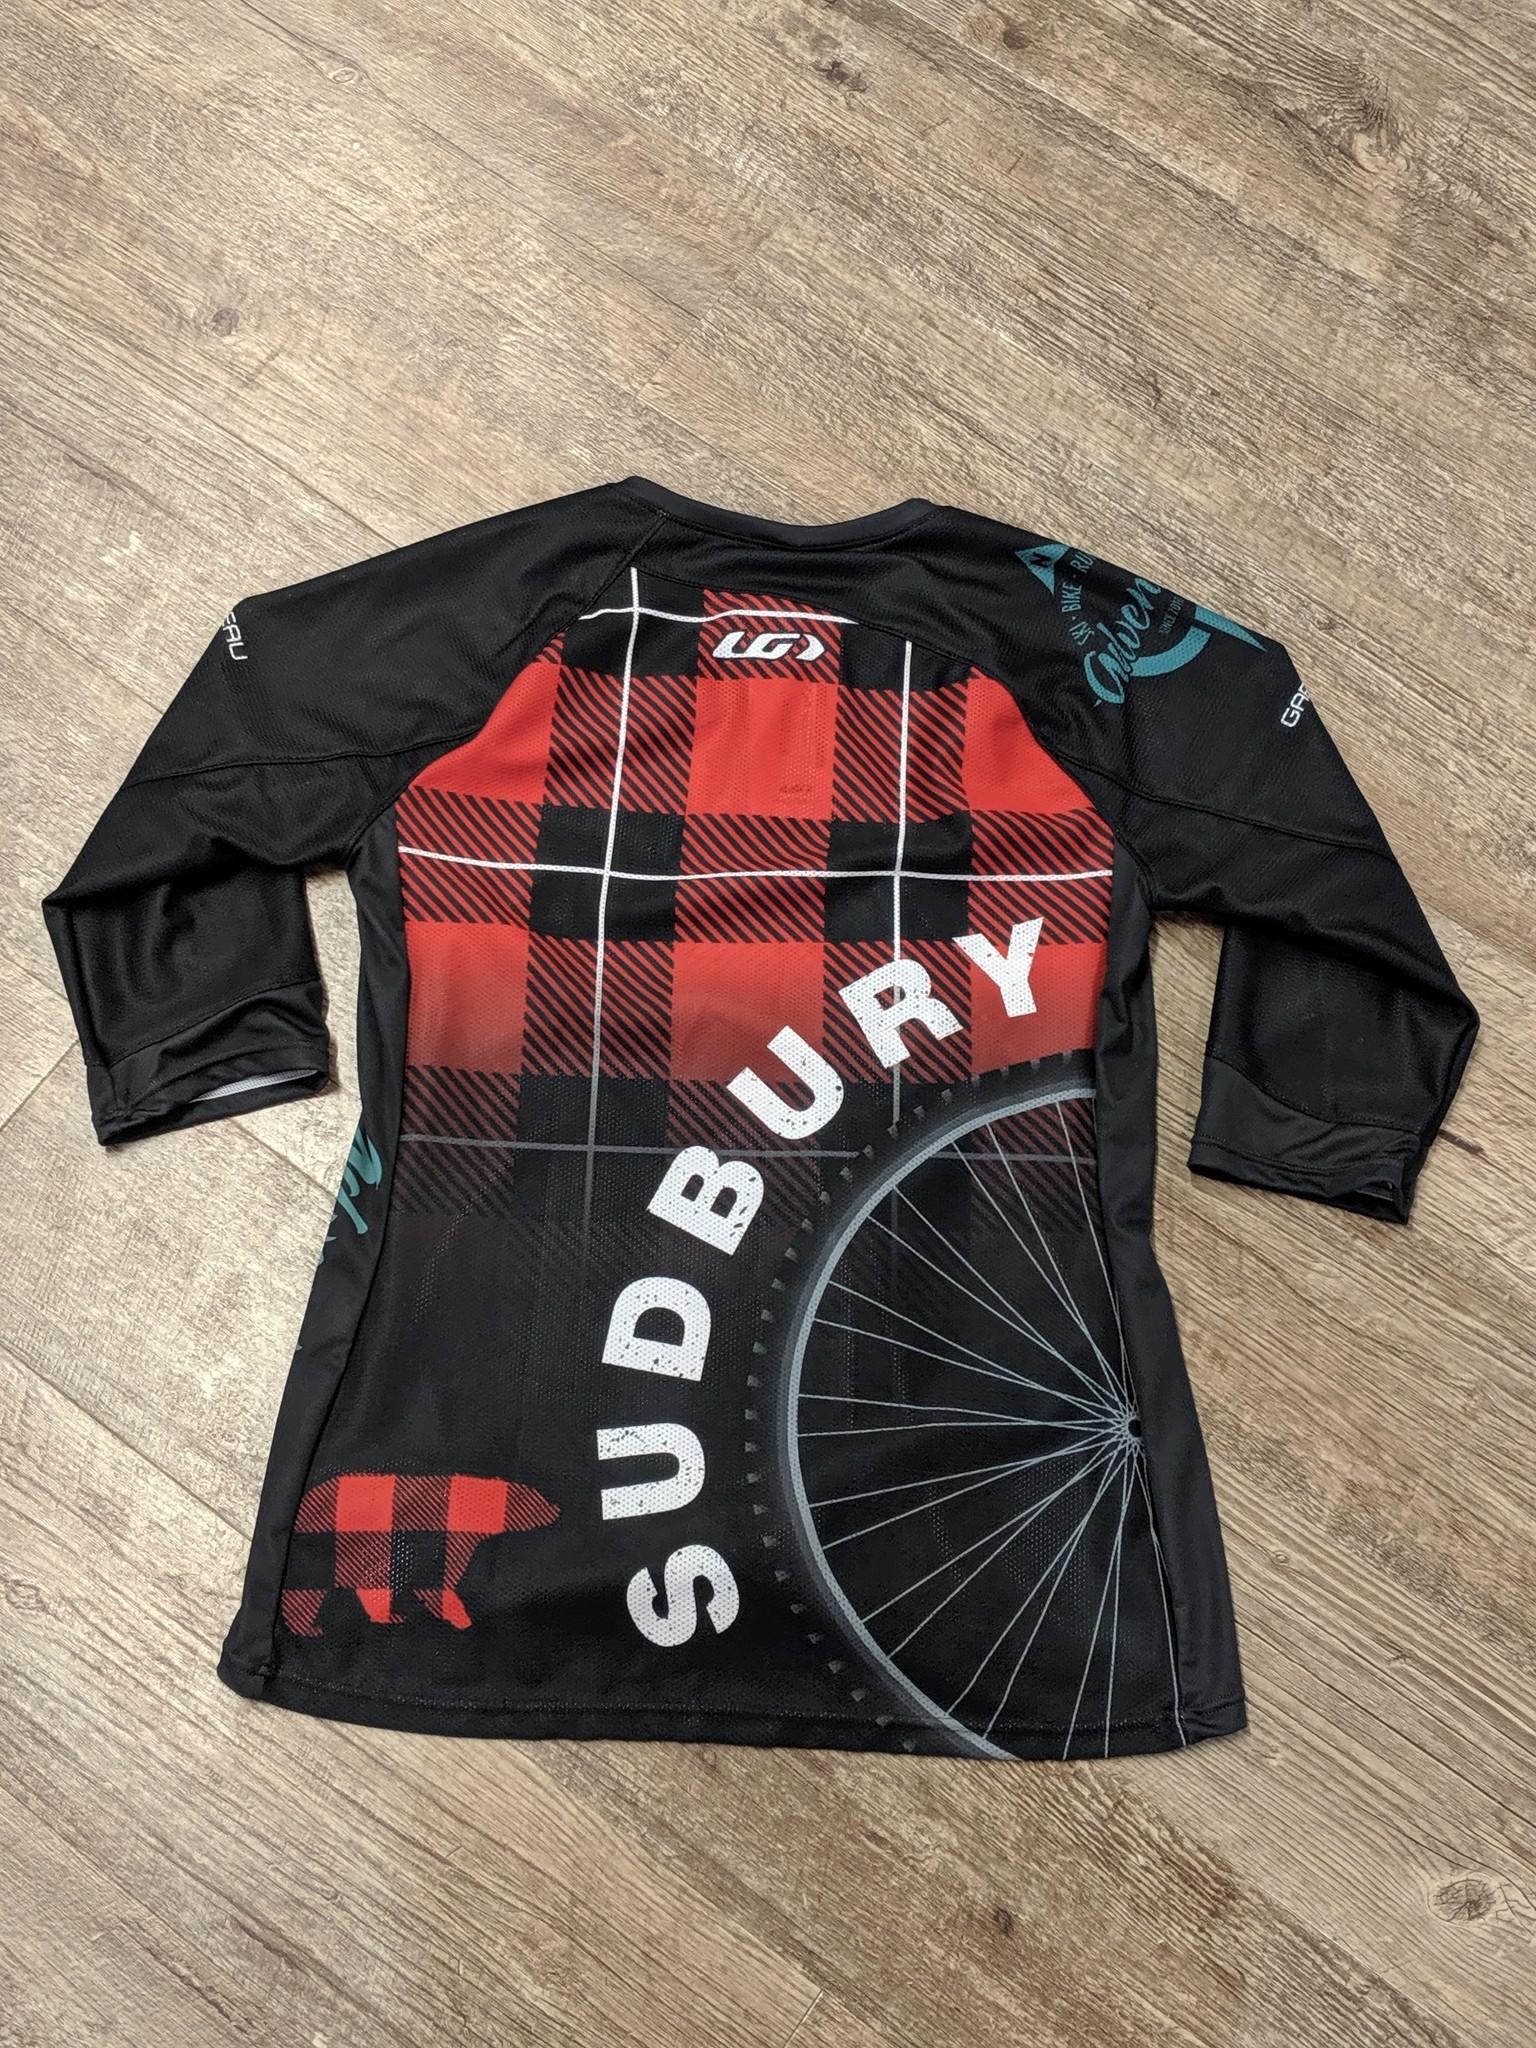 Sudbury Jersey 2019 -Men's  MTB 3/4 Sleeve